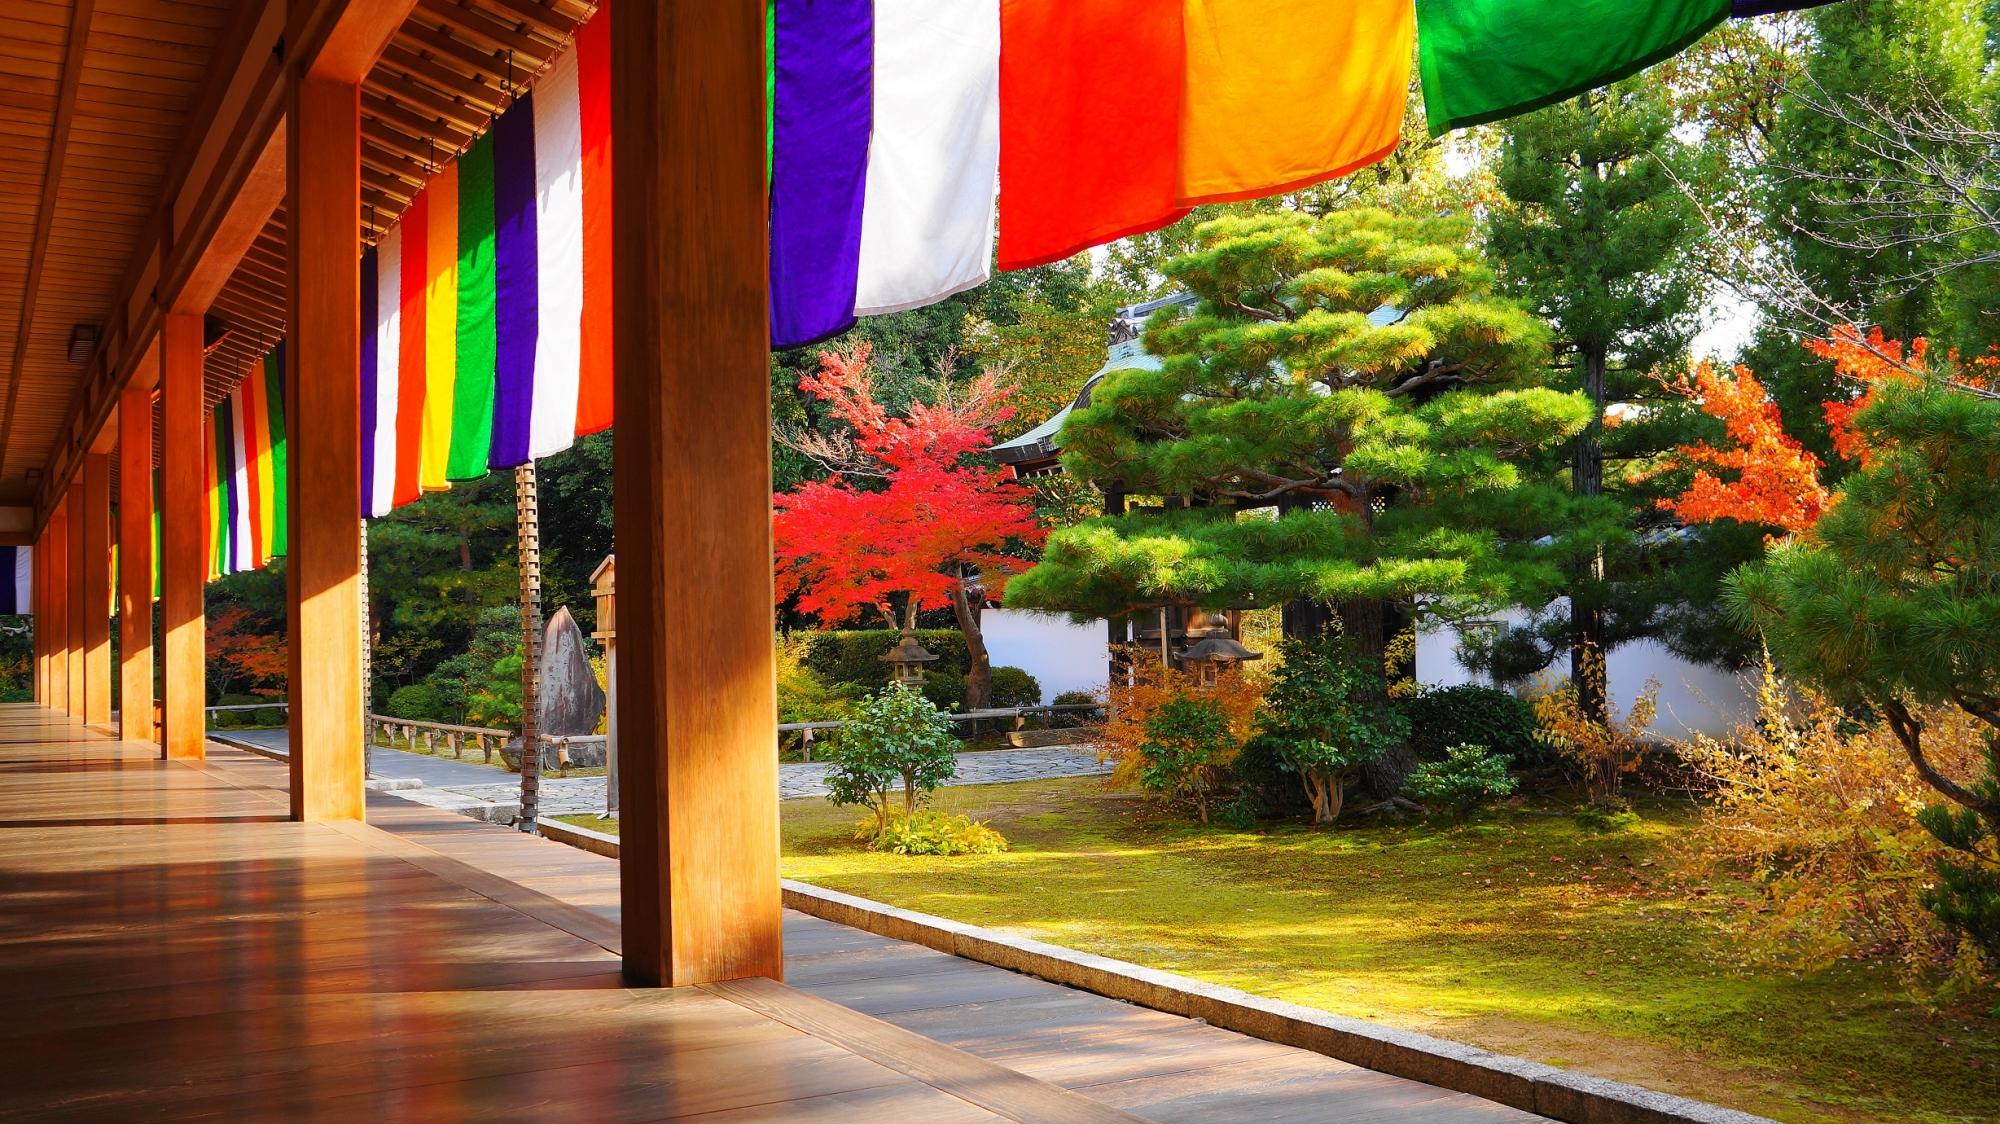 秋風に揺らめく仏旗の下から見える秋色の庭園